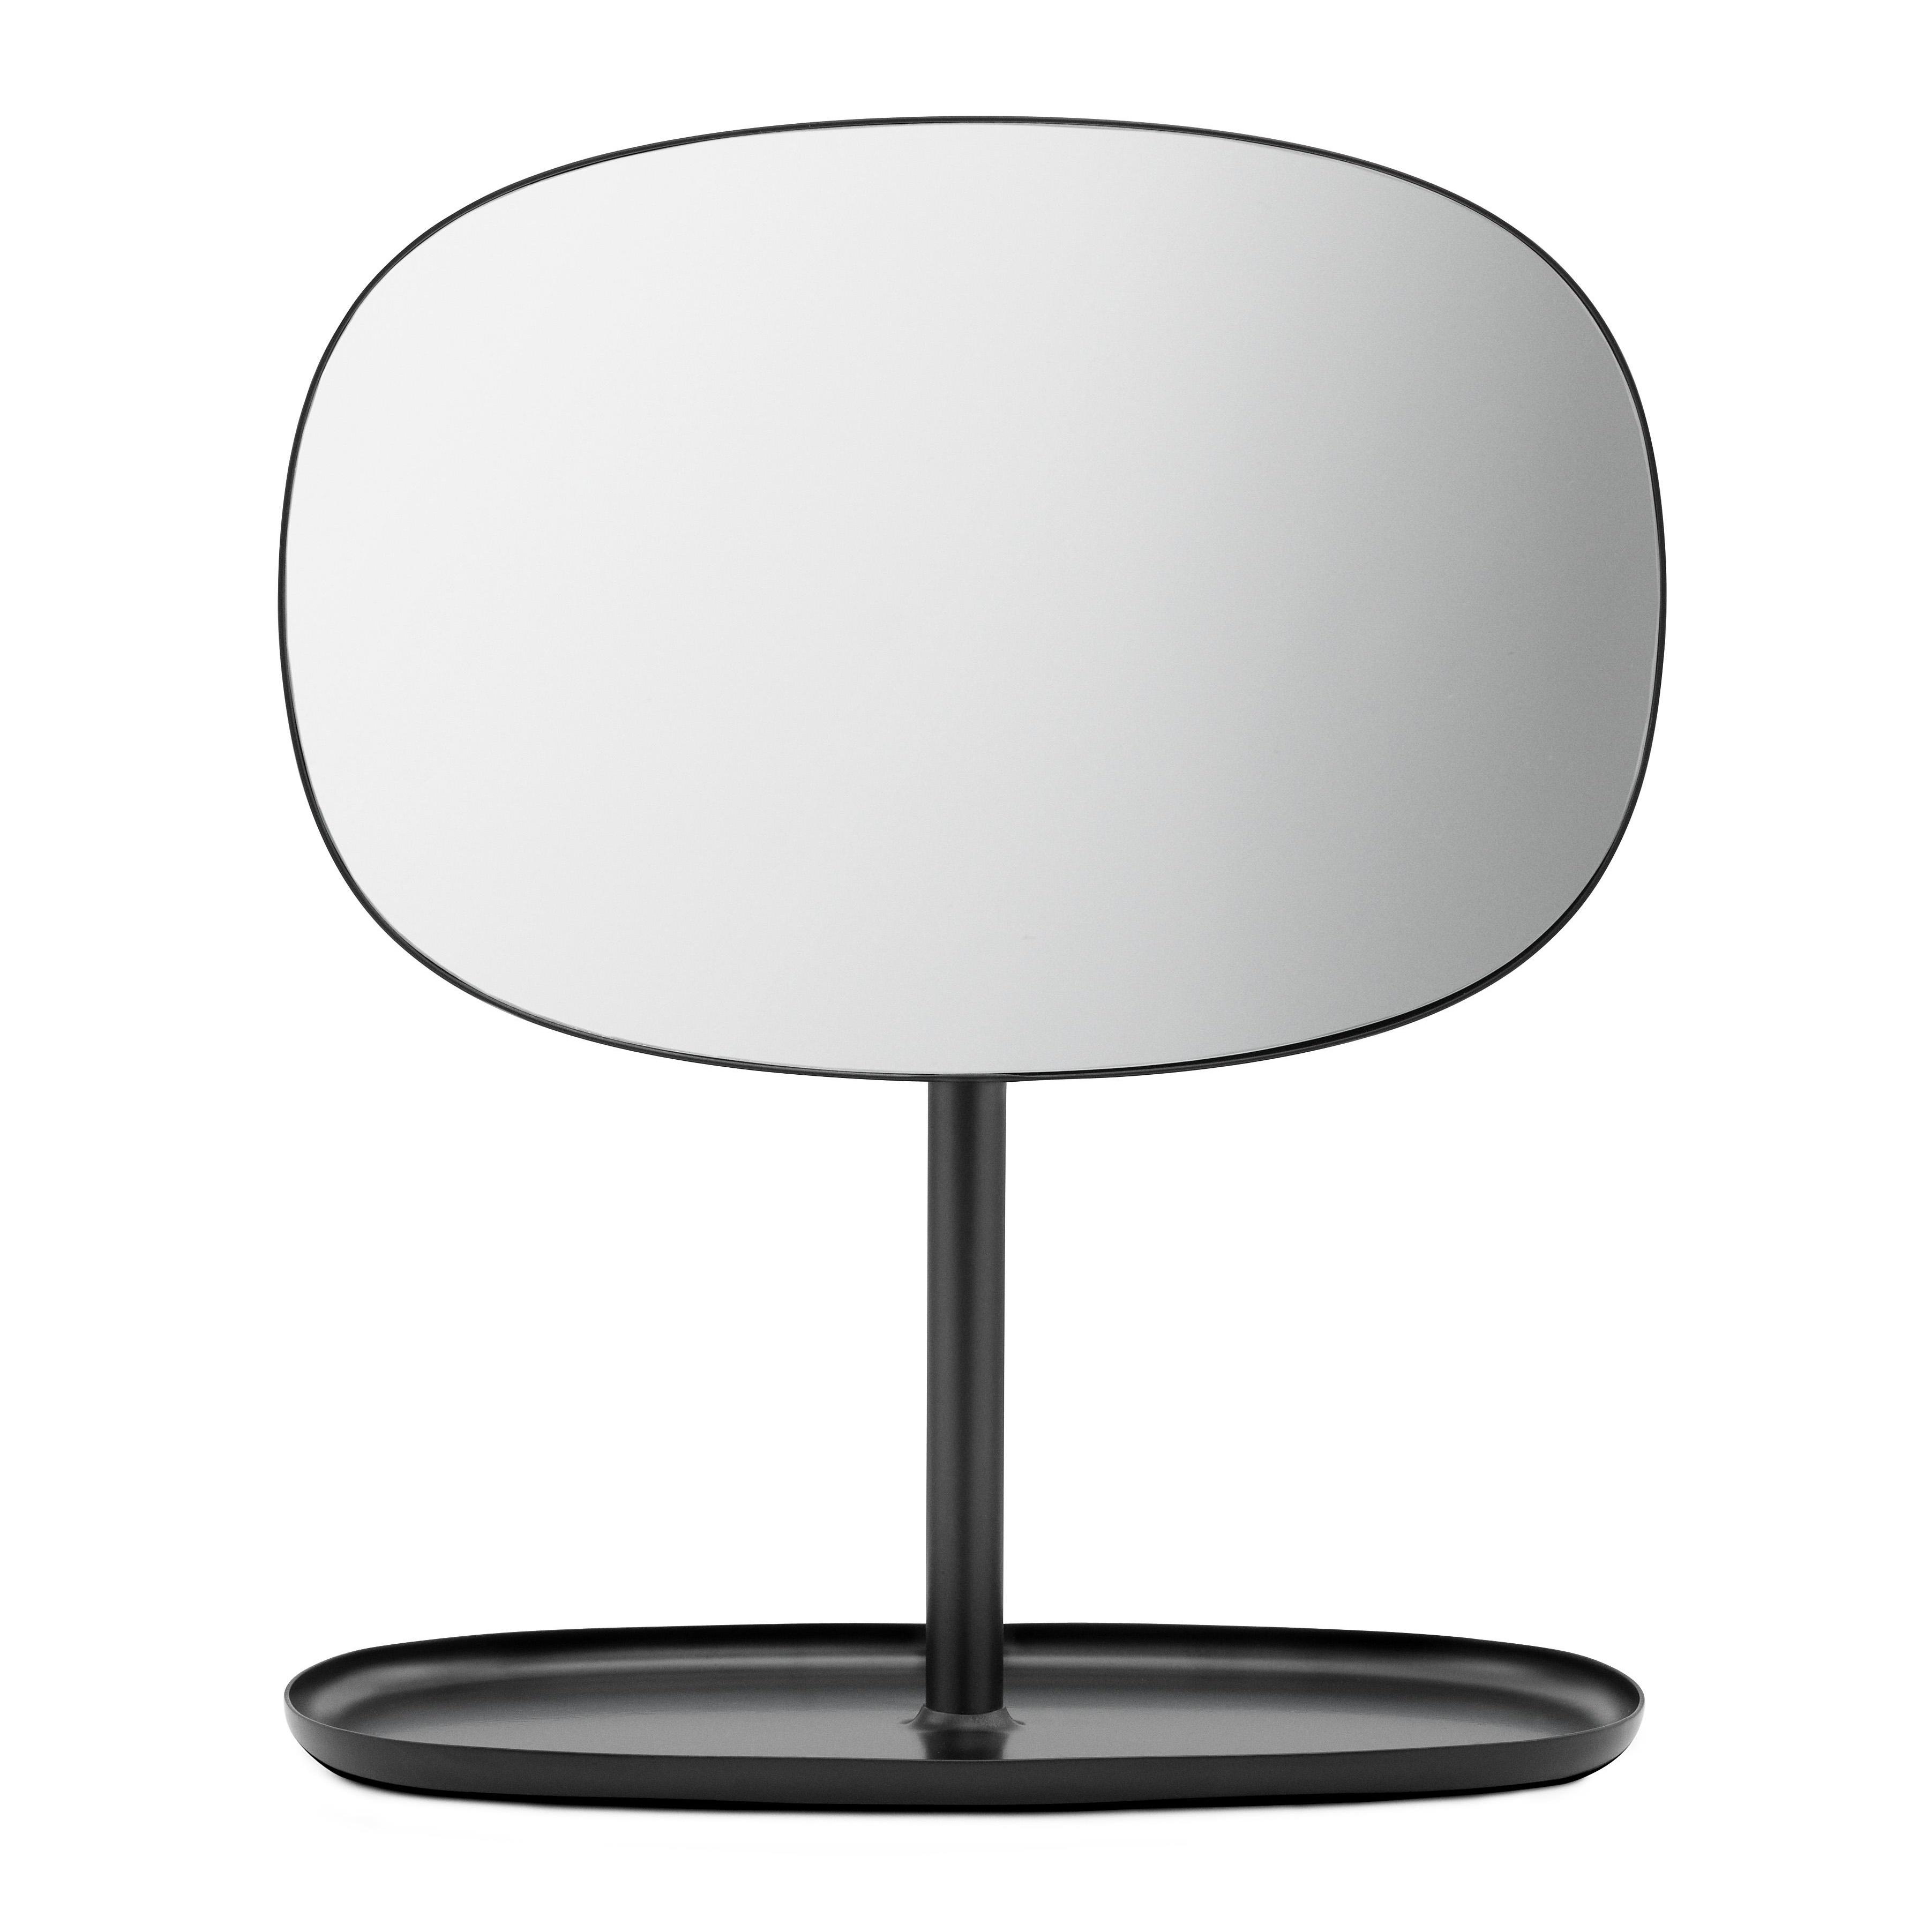 Normann Copenhagen - Flip Kosmetikspiegel - schwarz/BxHxT 28x34|5x19|5cm | Bad > Bad-Accessoires > Kosmetikspiegel | Schwarz | Stahl| spiegelglas | Normann Copenhagen